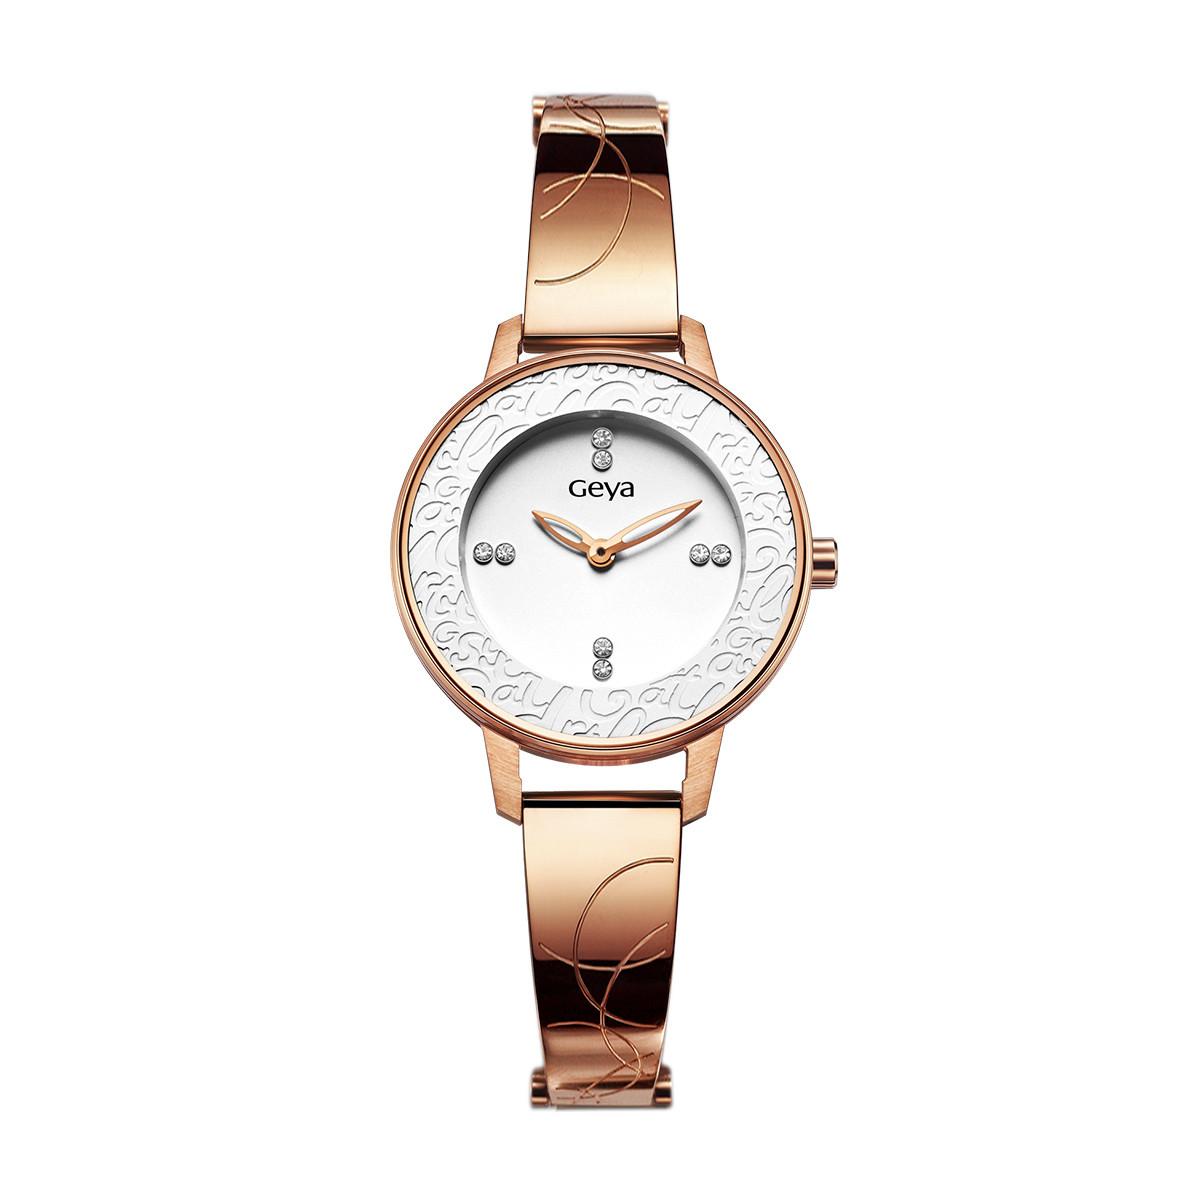 格雅格雅正品时尚镶钻名牌手表女 两针复古钢带女表 新品潮流石英表WG76031LHW